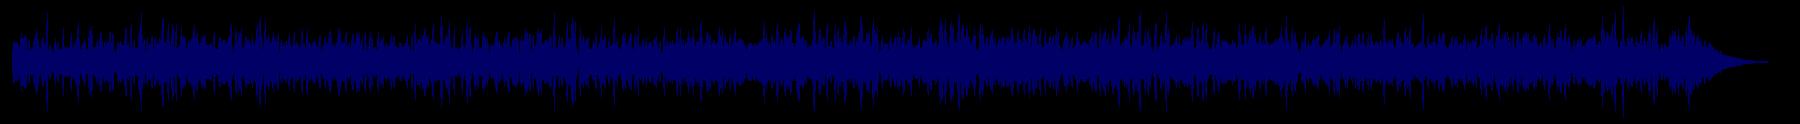 waveform of track #71211